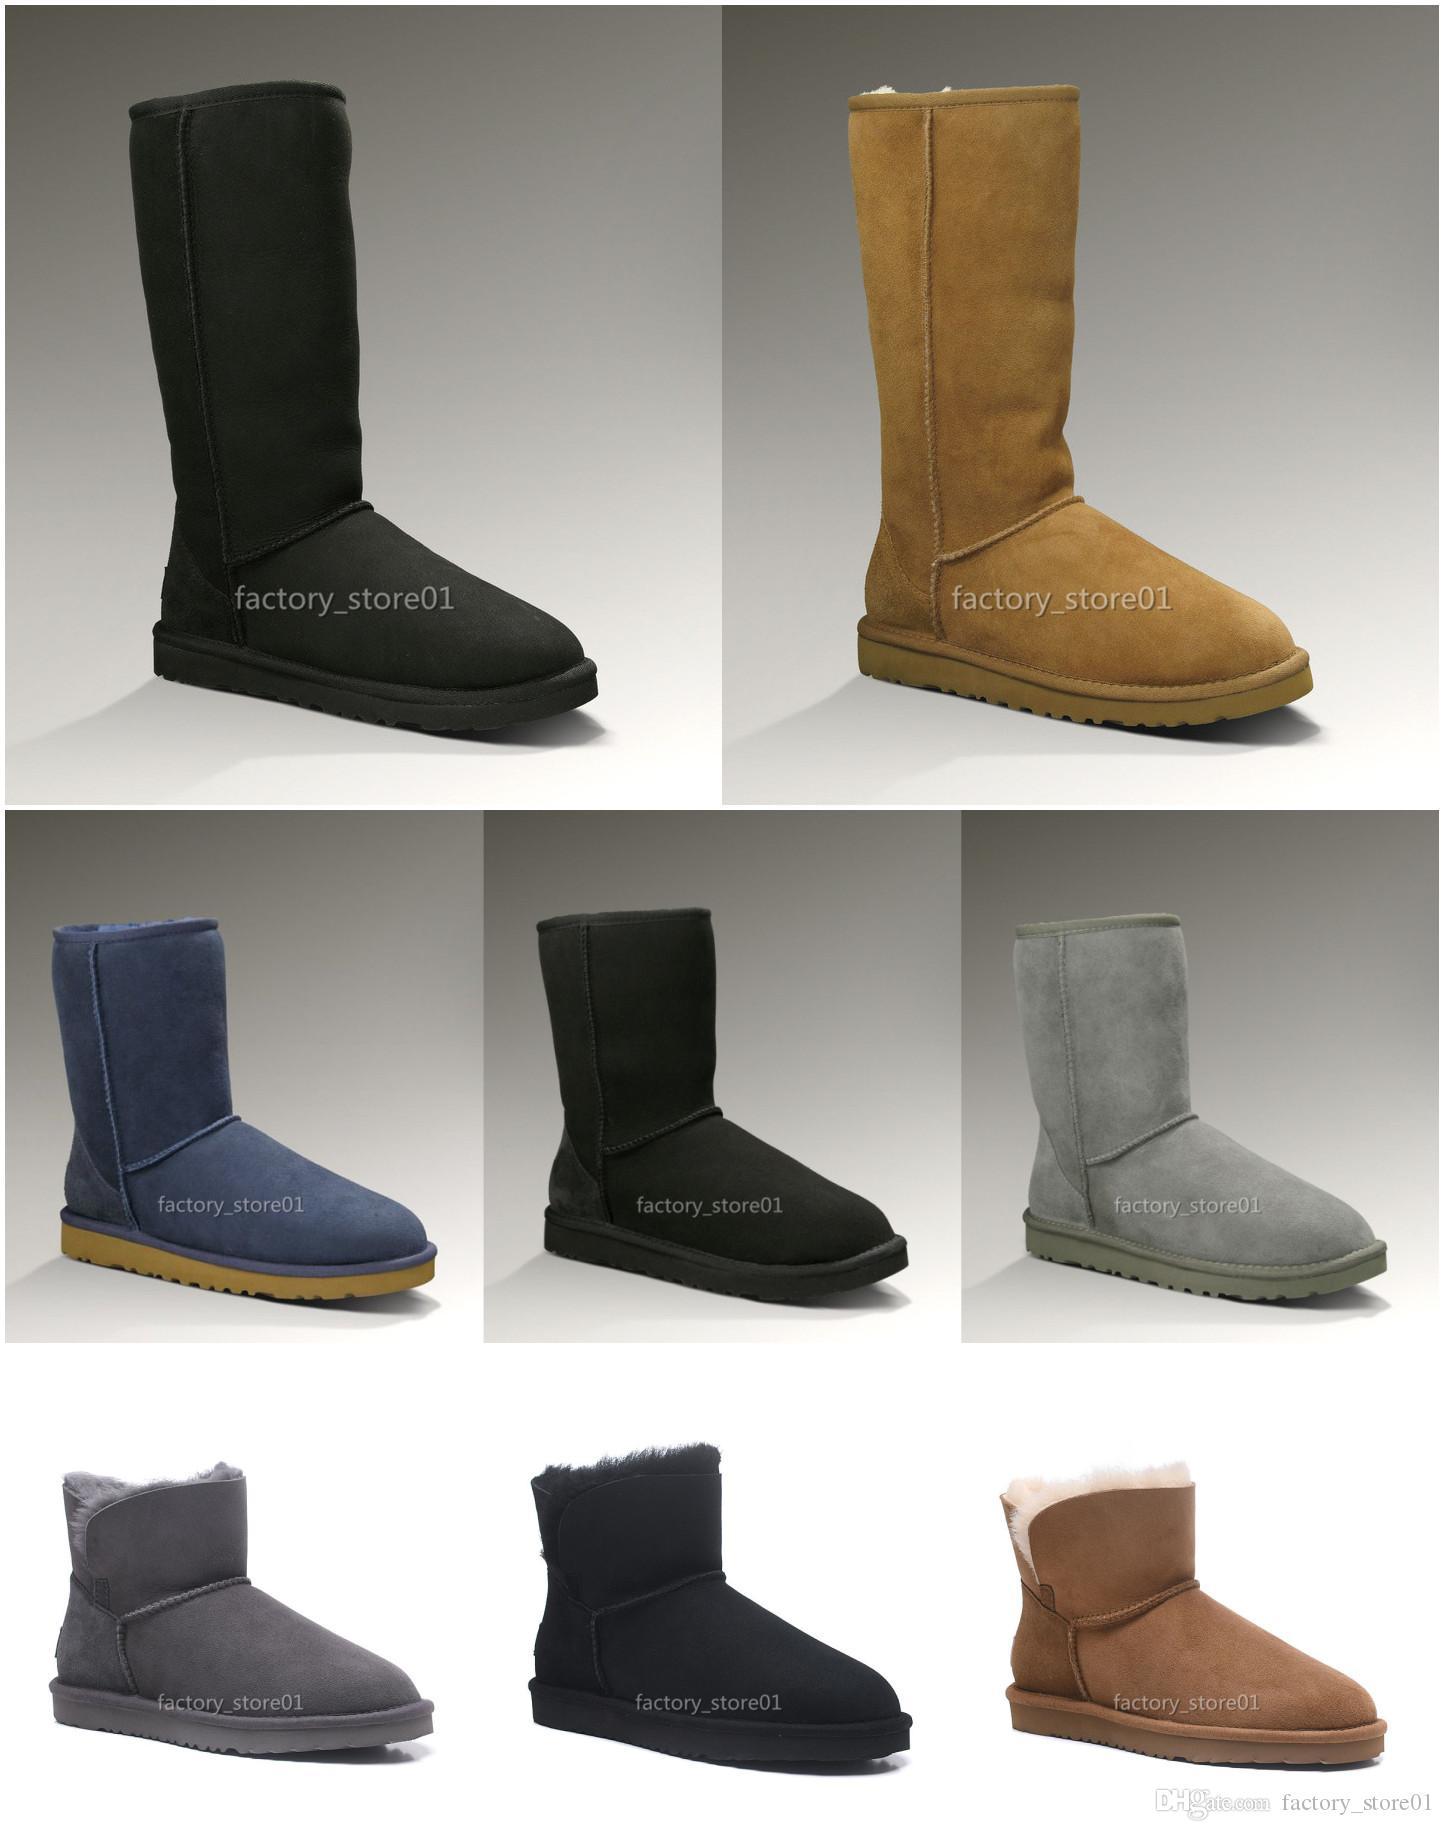 2020 Mode Hommes Femmes Classique Bottes de neige longue cheville Arc court de fourrure Bottes Designer pour l'hiver Noir marron Boot Chaussures plateforme Casual 35-45